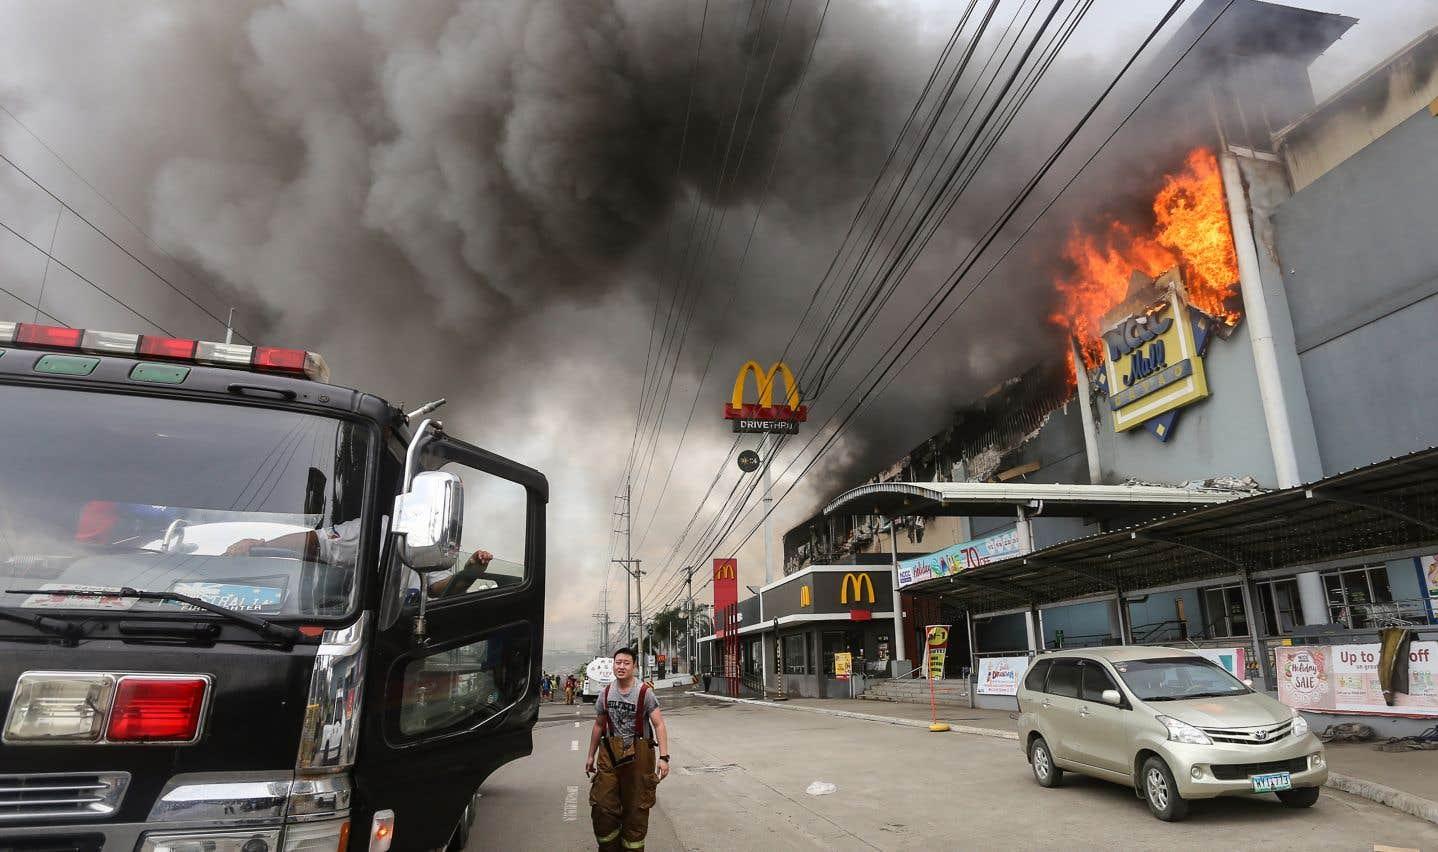 Les sinistres meurtriers ne sont pas rares aux Philippines, notamment dans les zones de bidonvilles où aucune réglementation anti-incendie n'est appliquée.